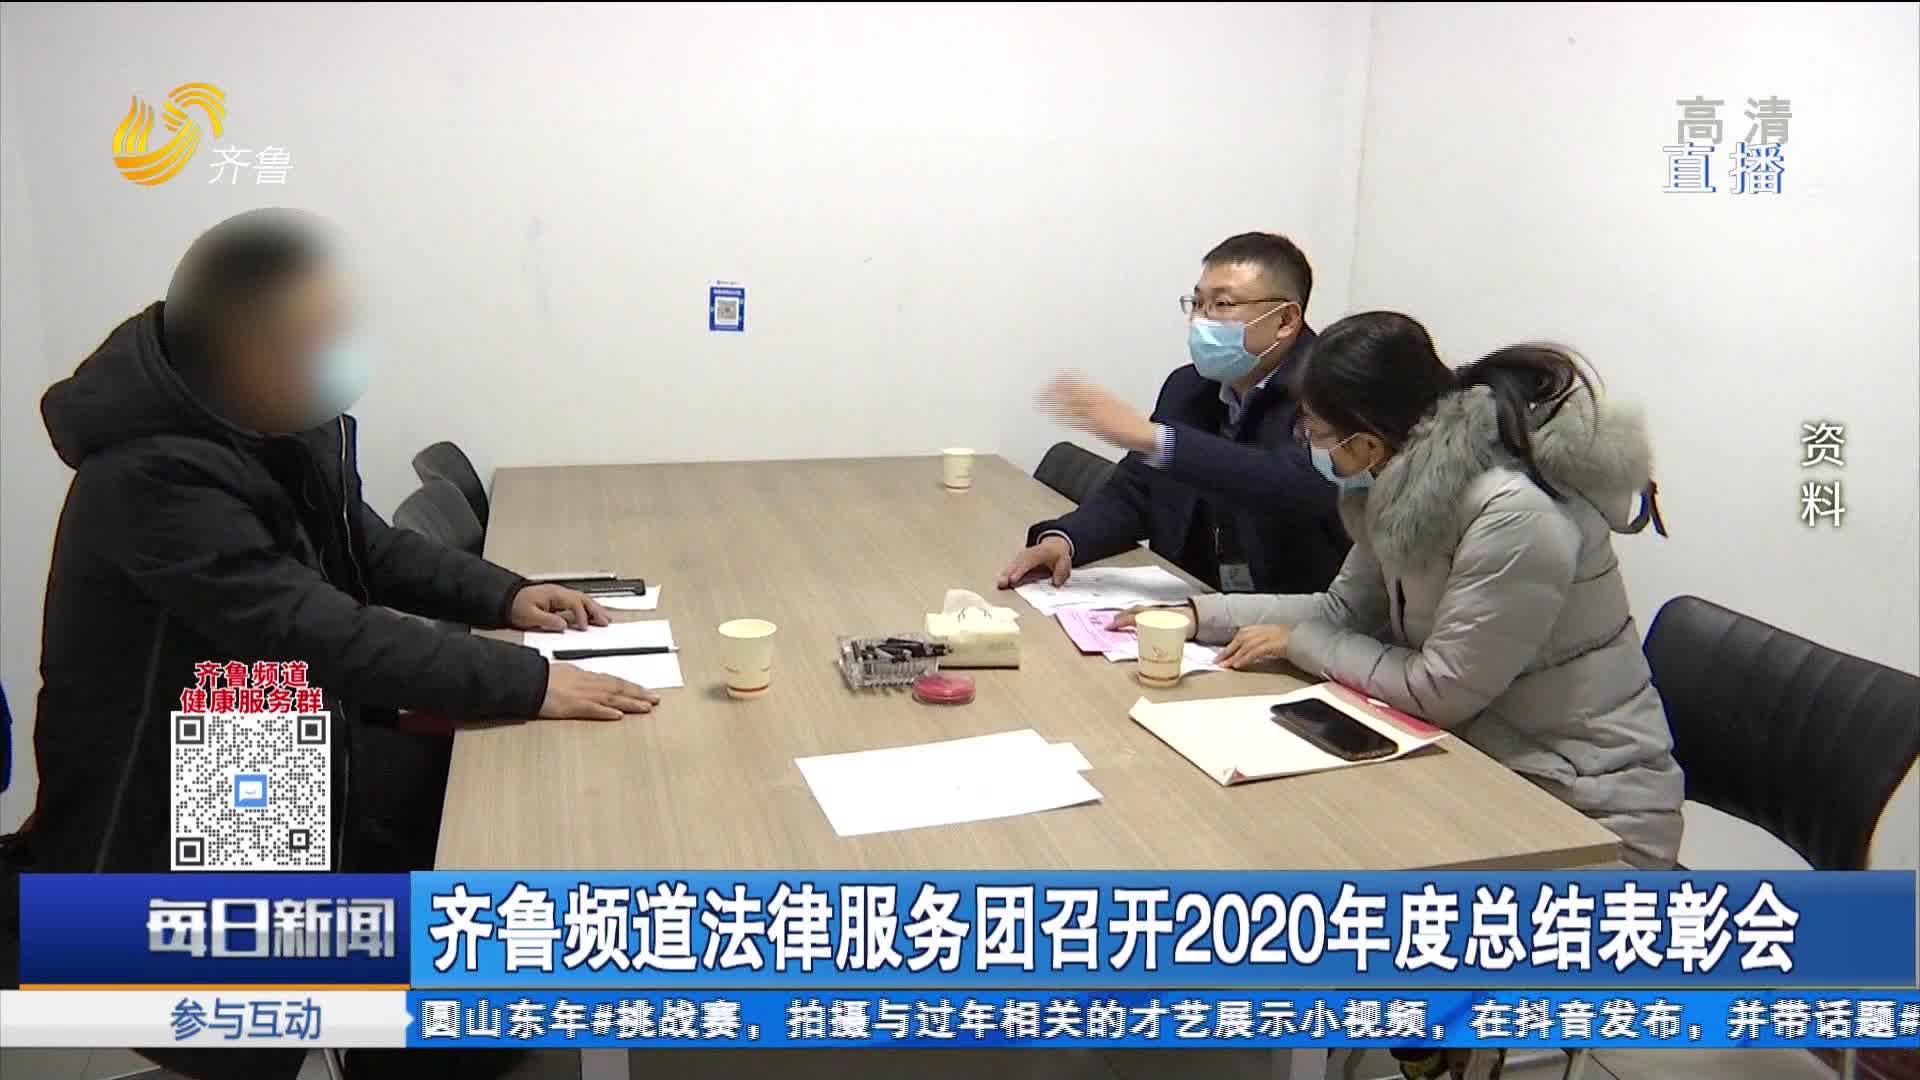 齊魯頻道法律服務團召開2020年度總結表彰會